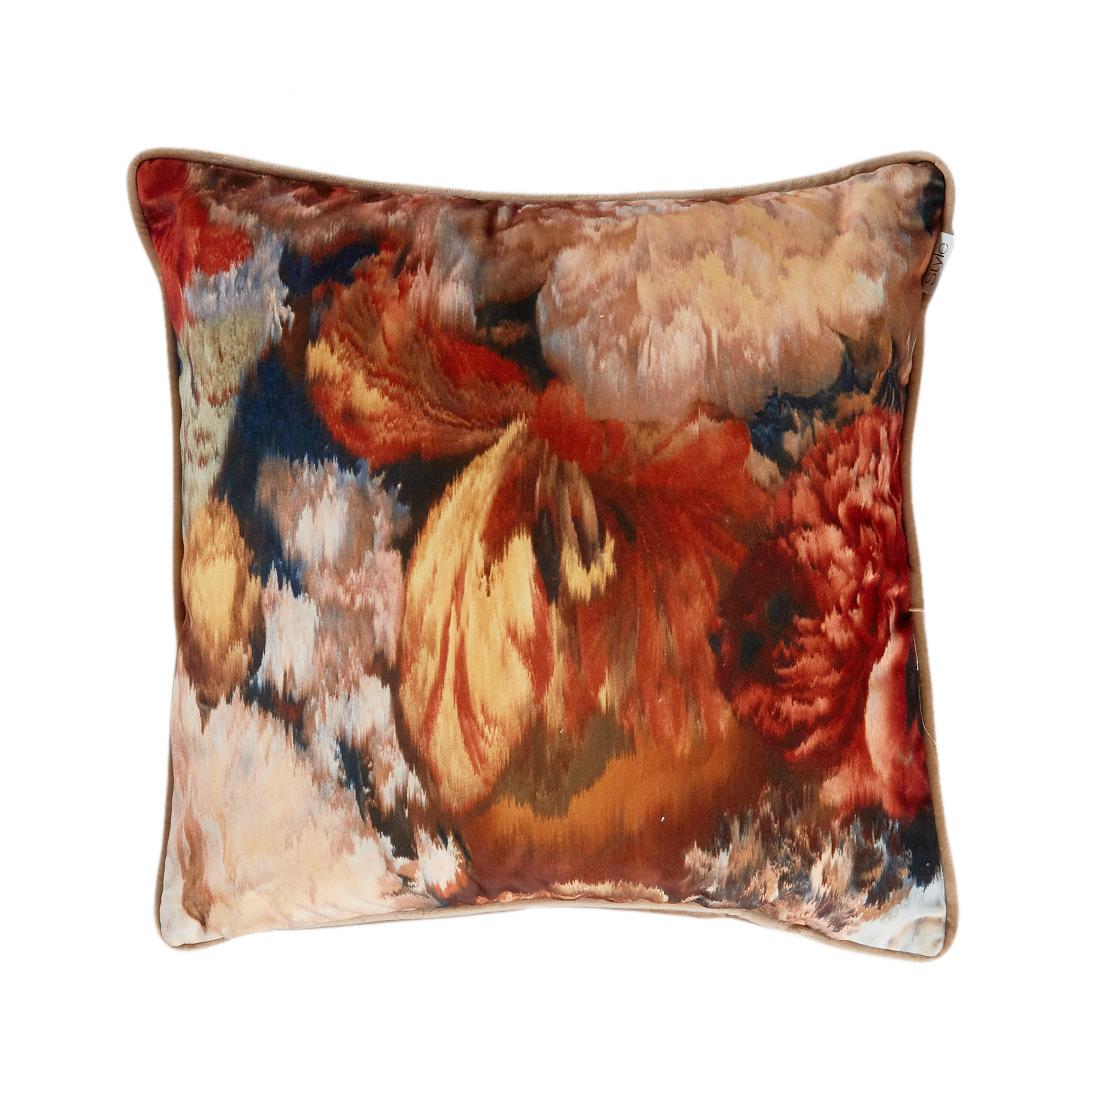 Garland Orange Cushion